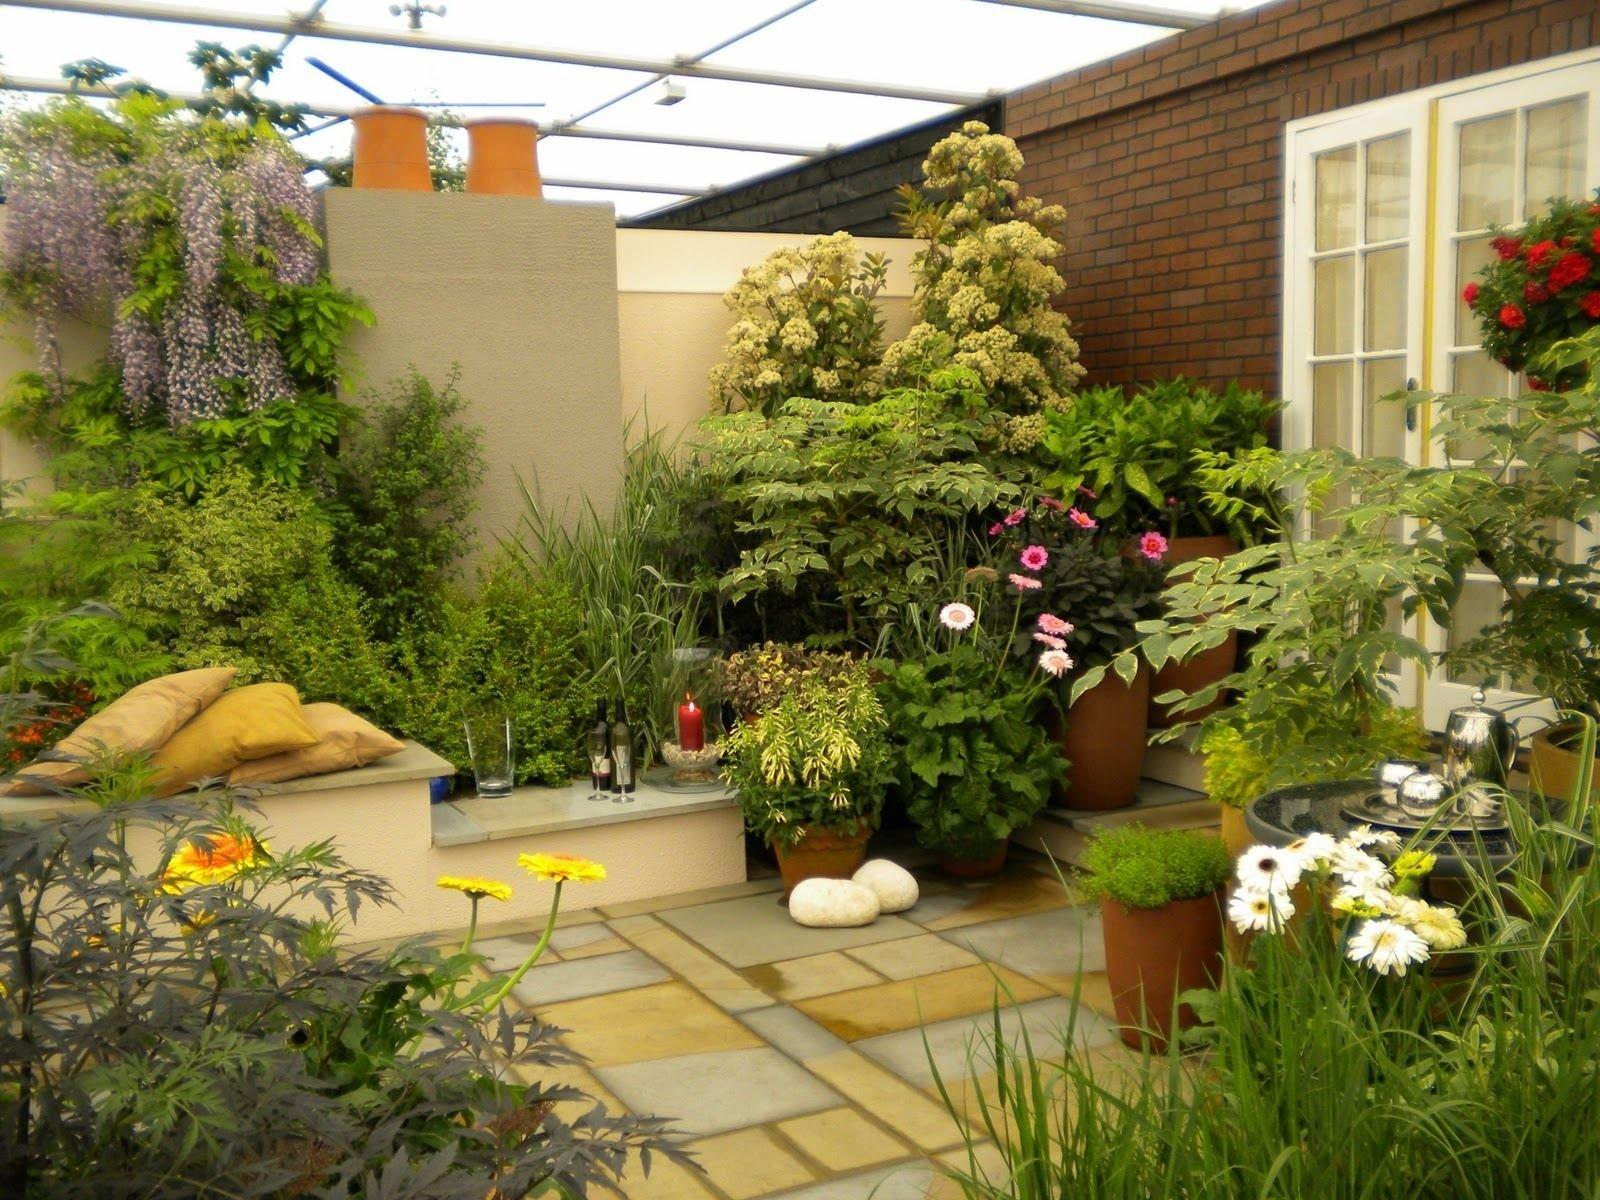 small garden ideas for small spaces - fresh garden ideas small space